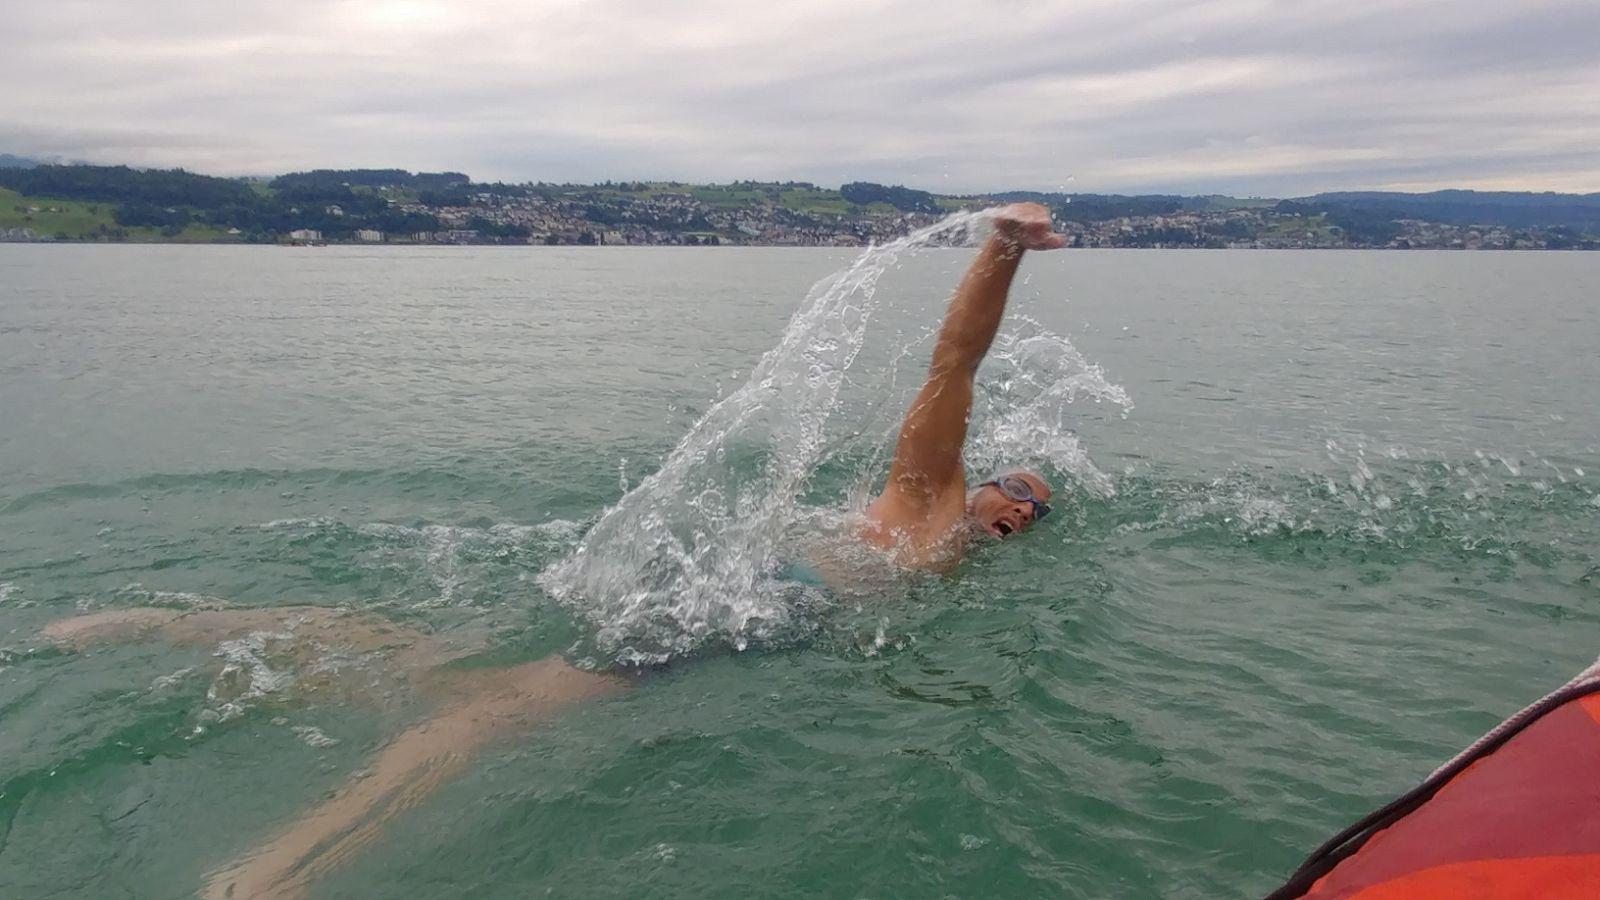 Paul Georgescu nu a avut rival in maratonul acvatic de pe lacul Zurich